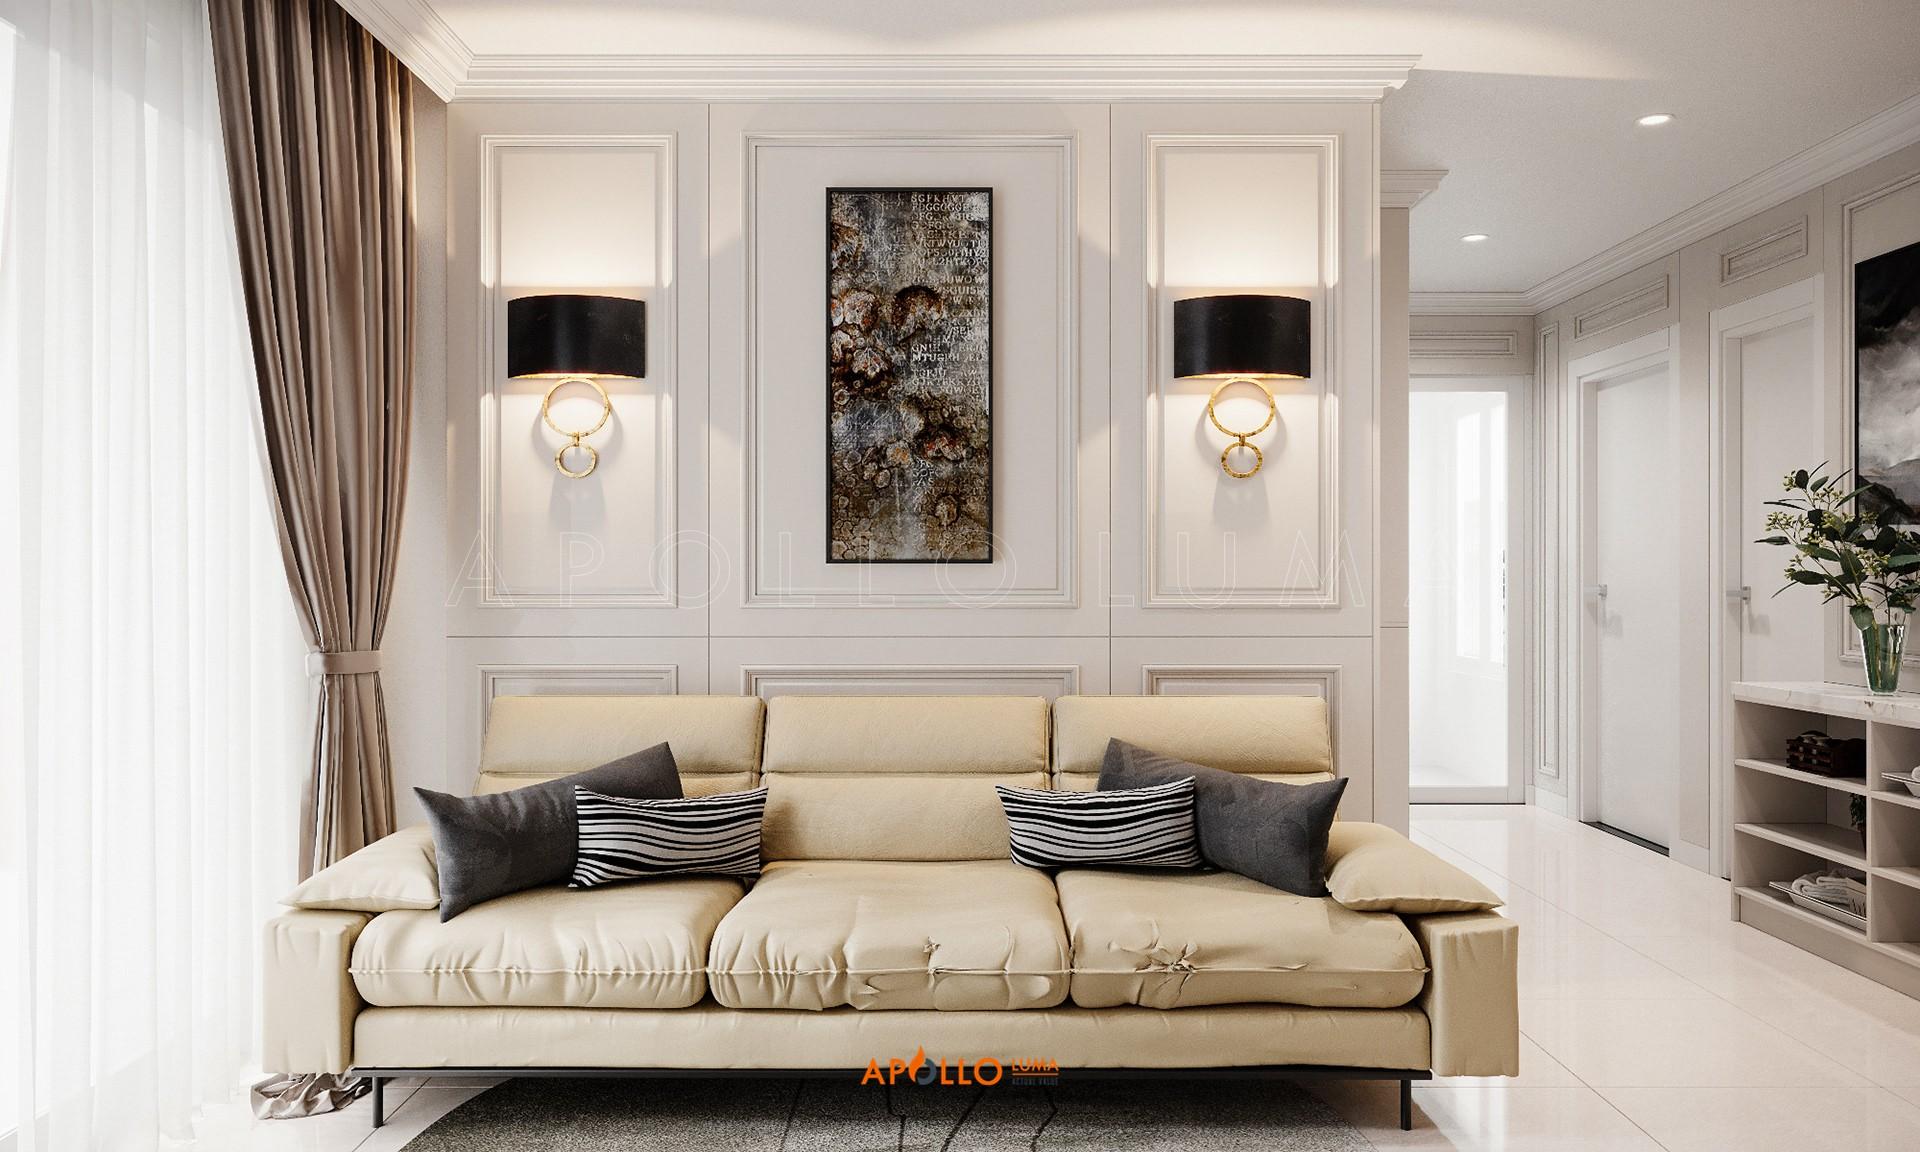 Thiết kế nội thất căn hộ 2 phòng ngủ Vinhomes Smart City phong cách Tân Cổ Điển